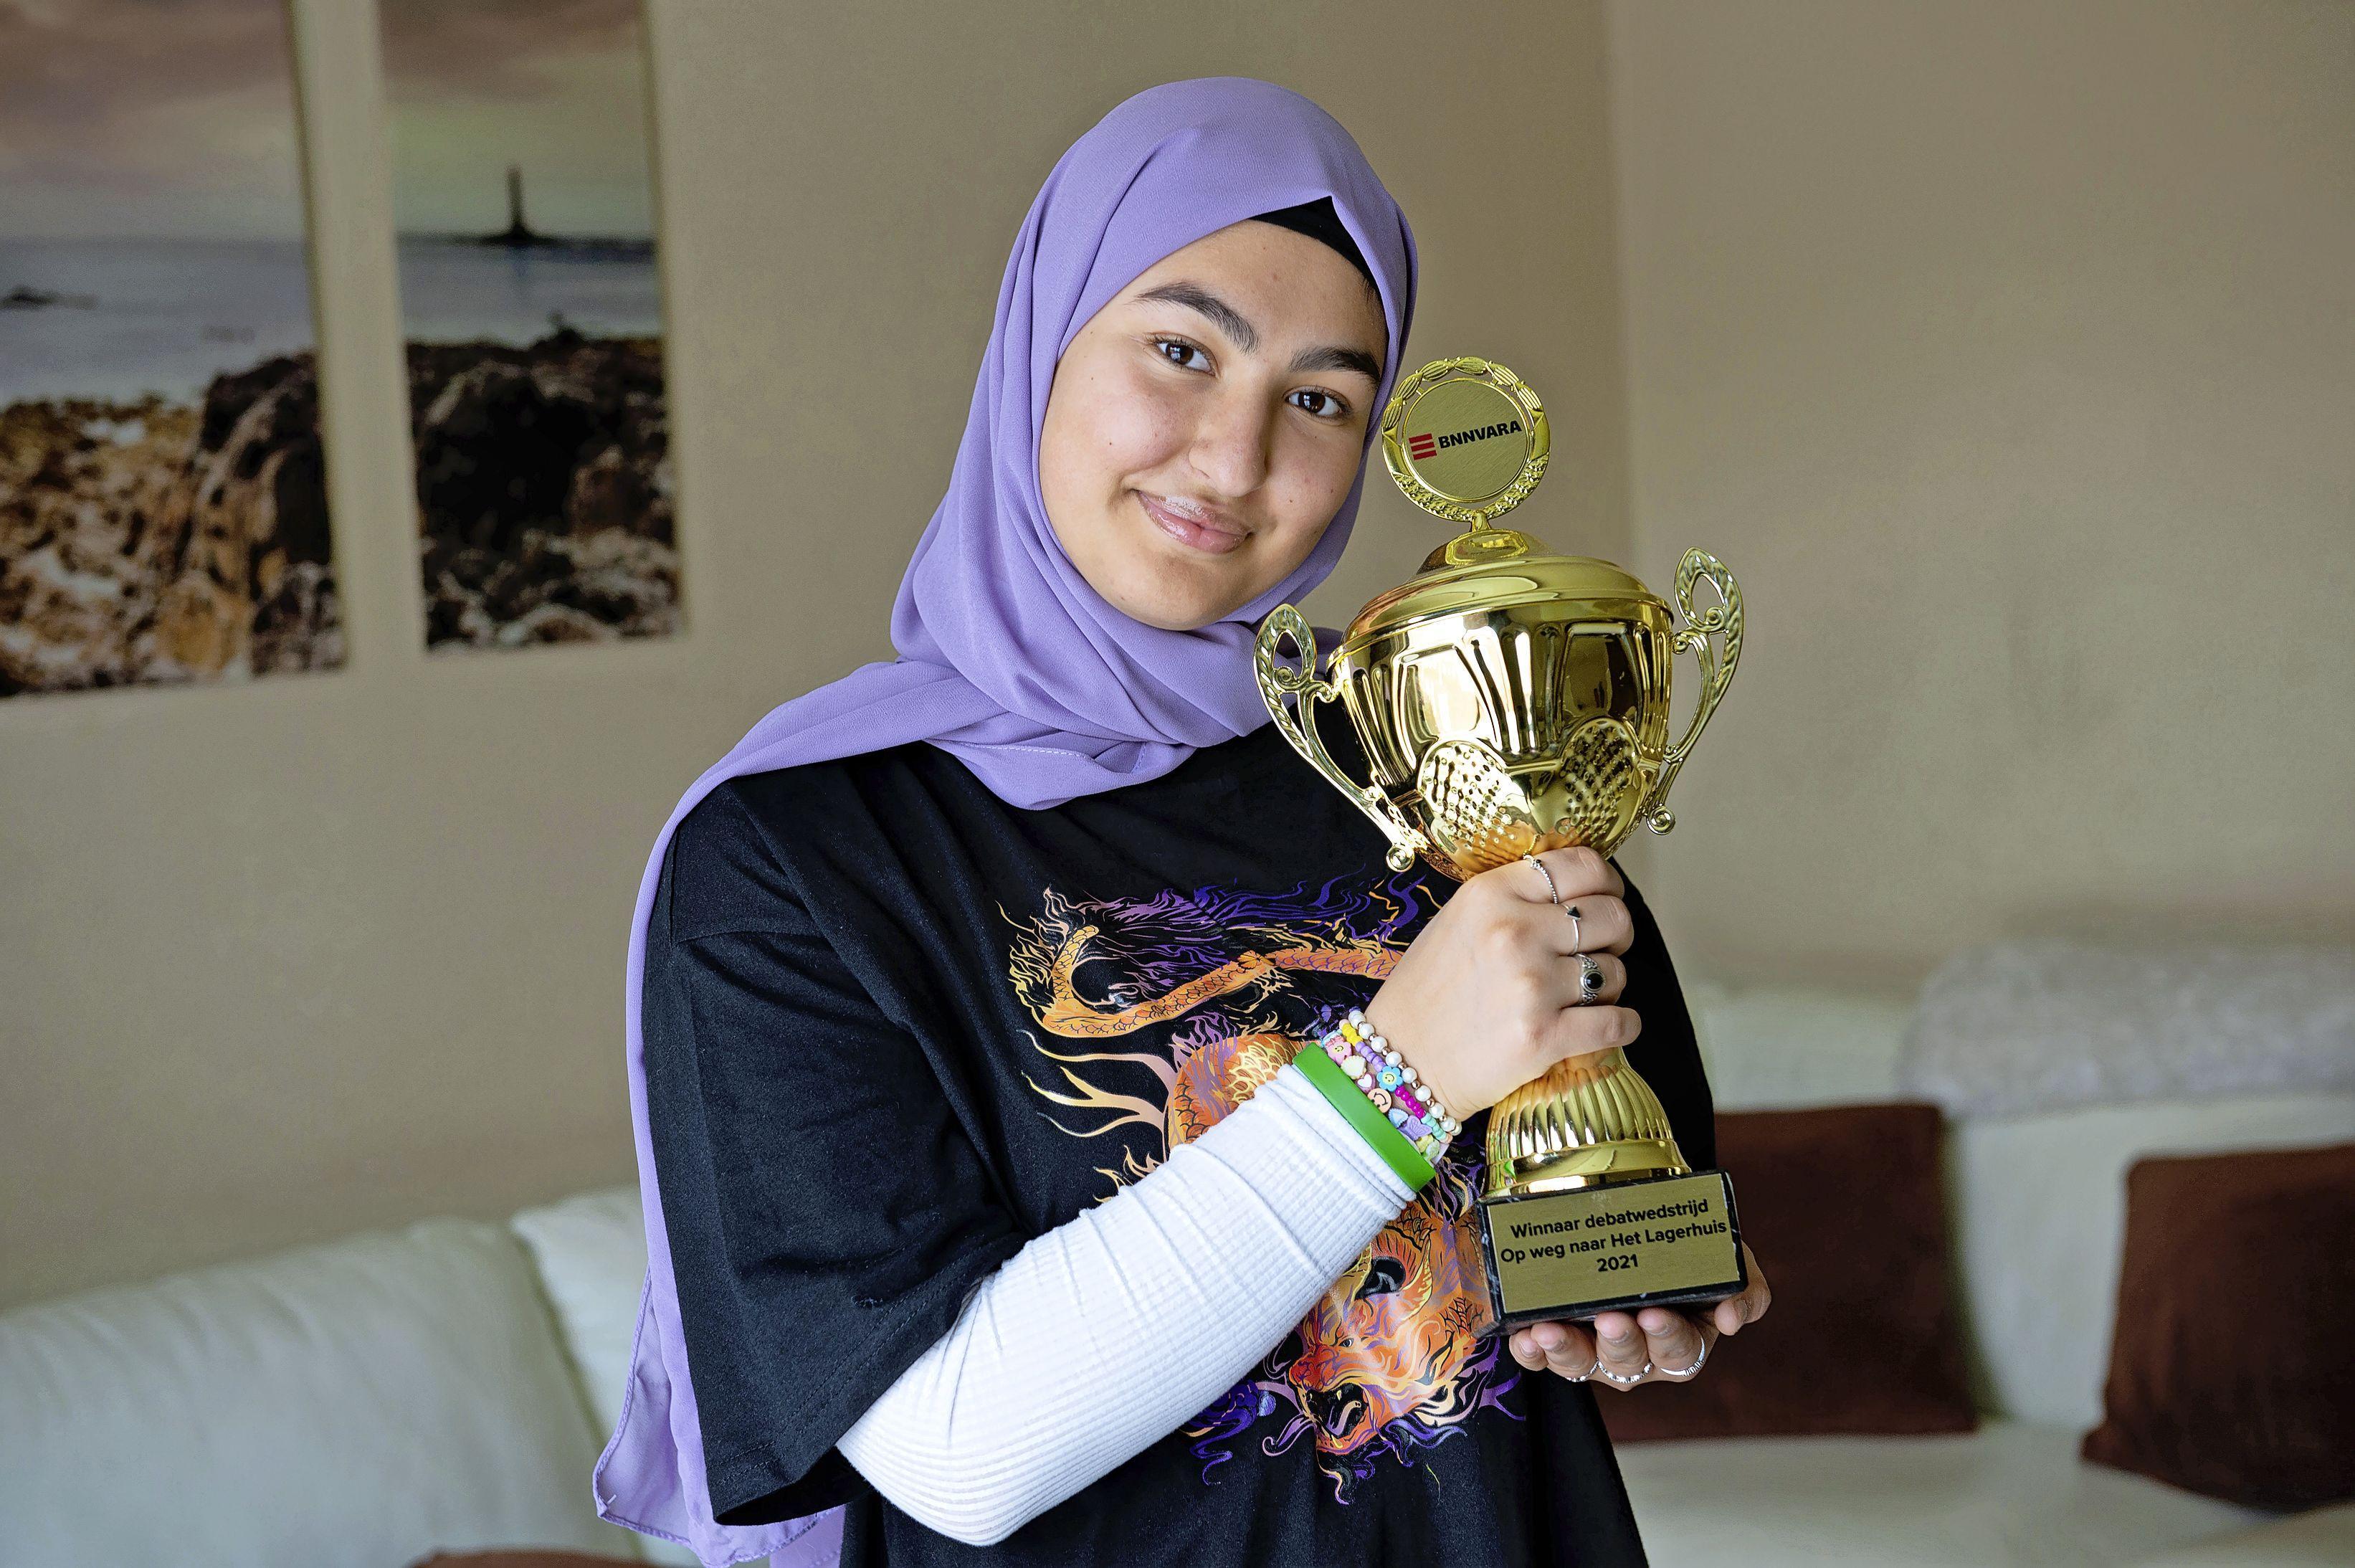 Assendelftse Mariam (17) wint Op weg naar Het Lagerhuis. 'Strafrechtadvocaat Natacha Harlequin is mijn idool'